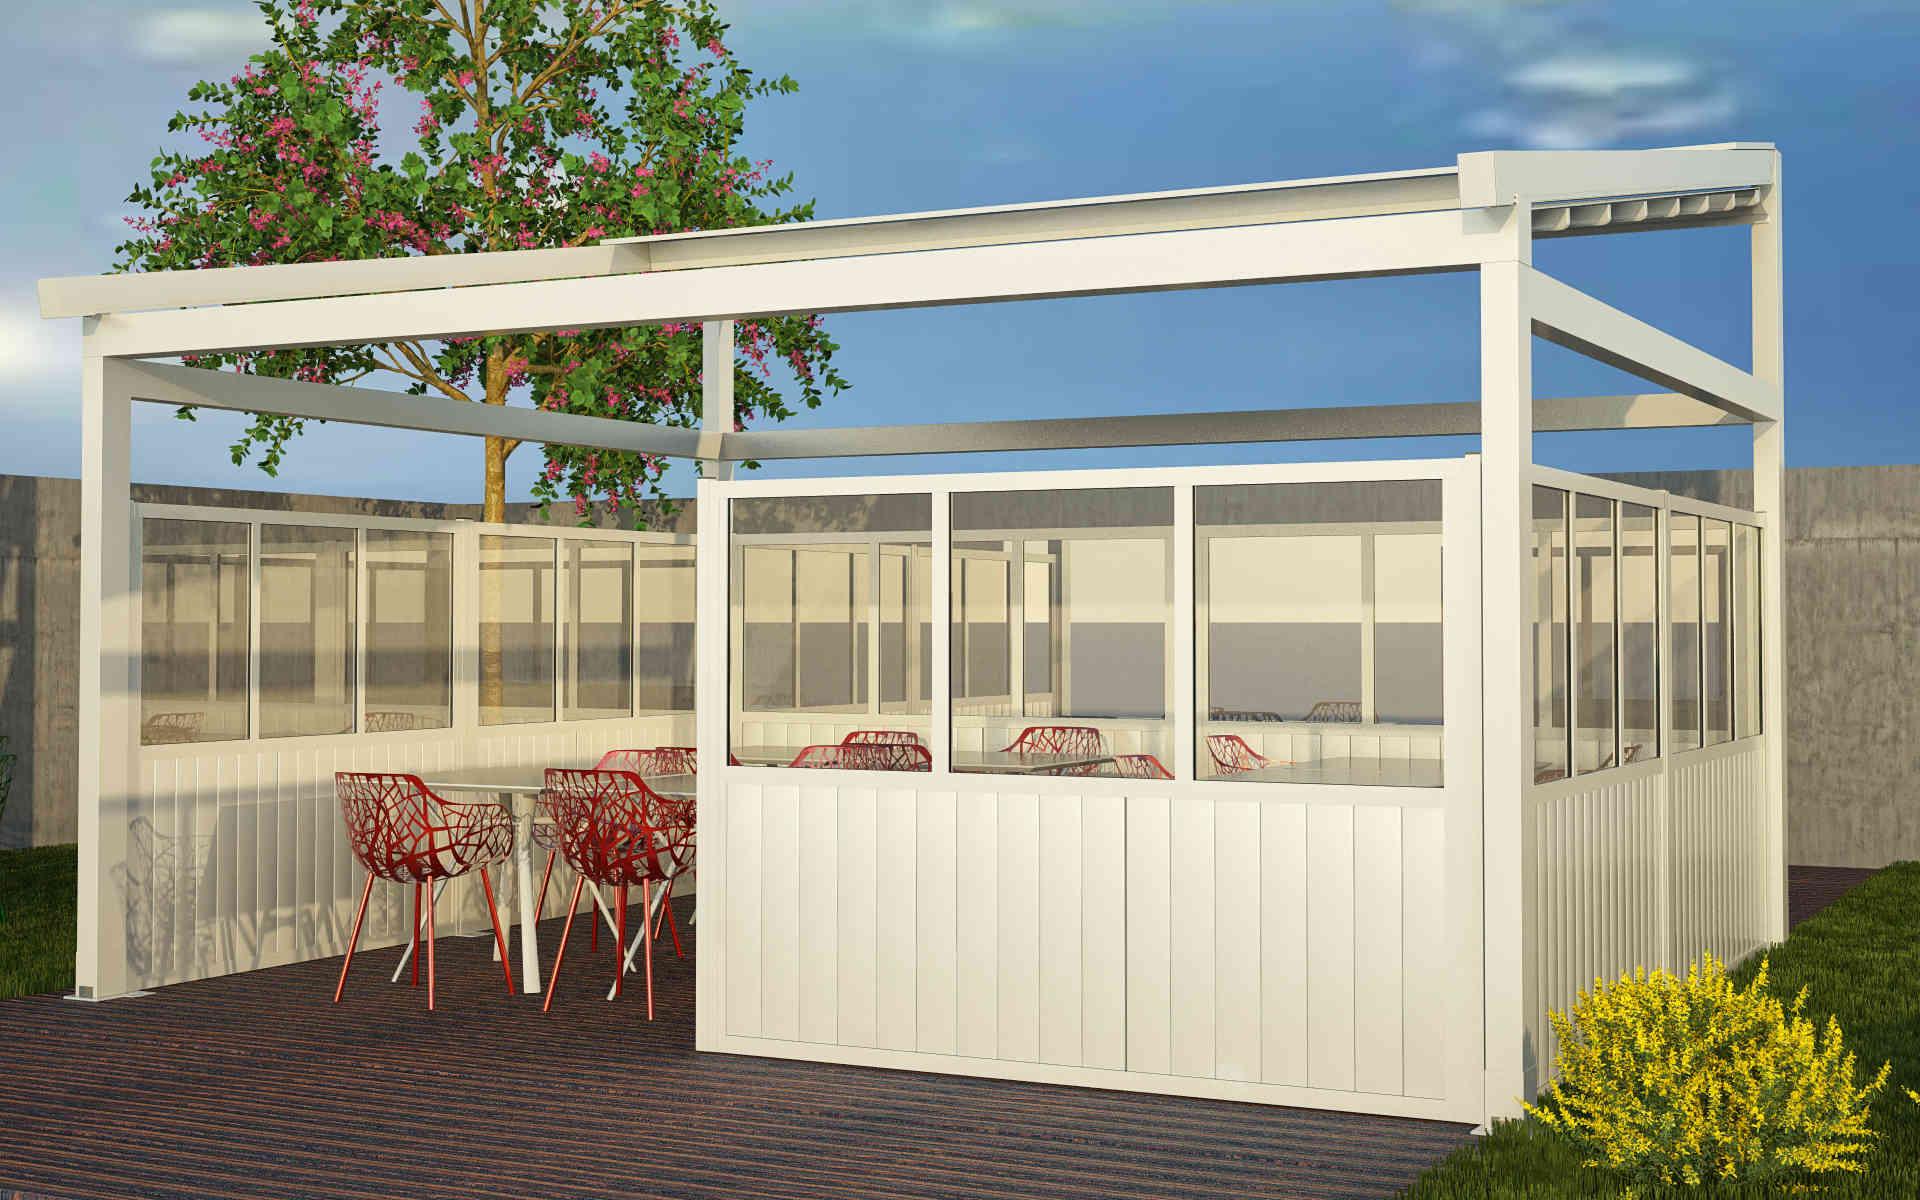 Paravento modulare per esterno in alluminio e vetro mod. Quadro Rustico con vetro e doghe in alluminio - Stameat srl - Produzione ed installazione - Trento